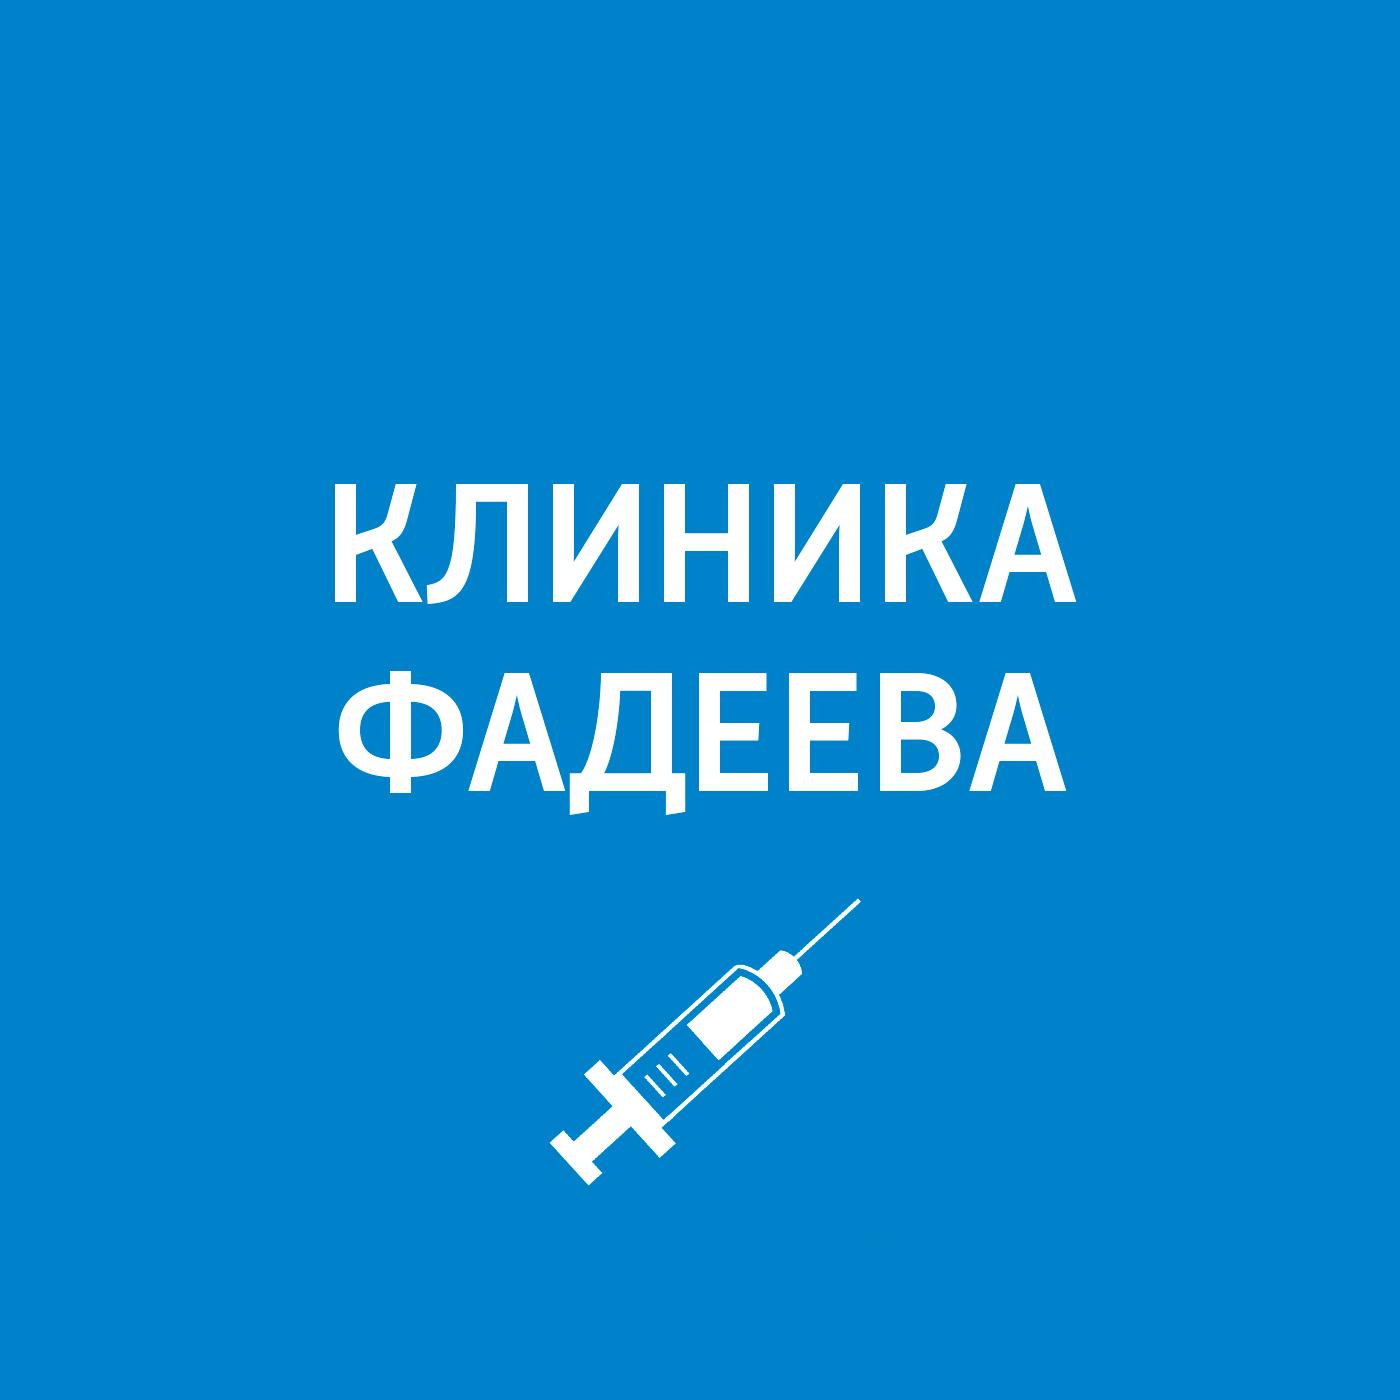 Пётр Фадеев Глаза